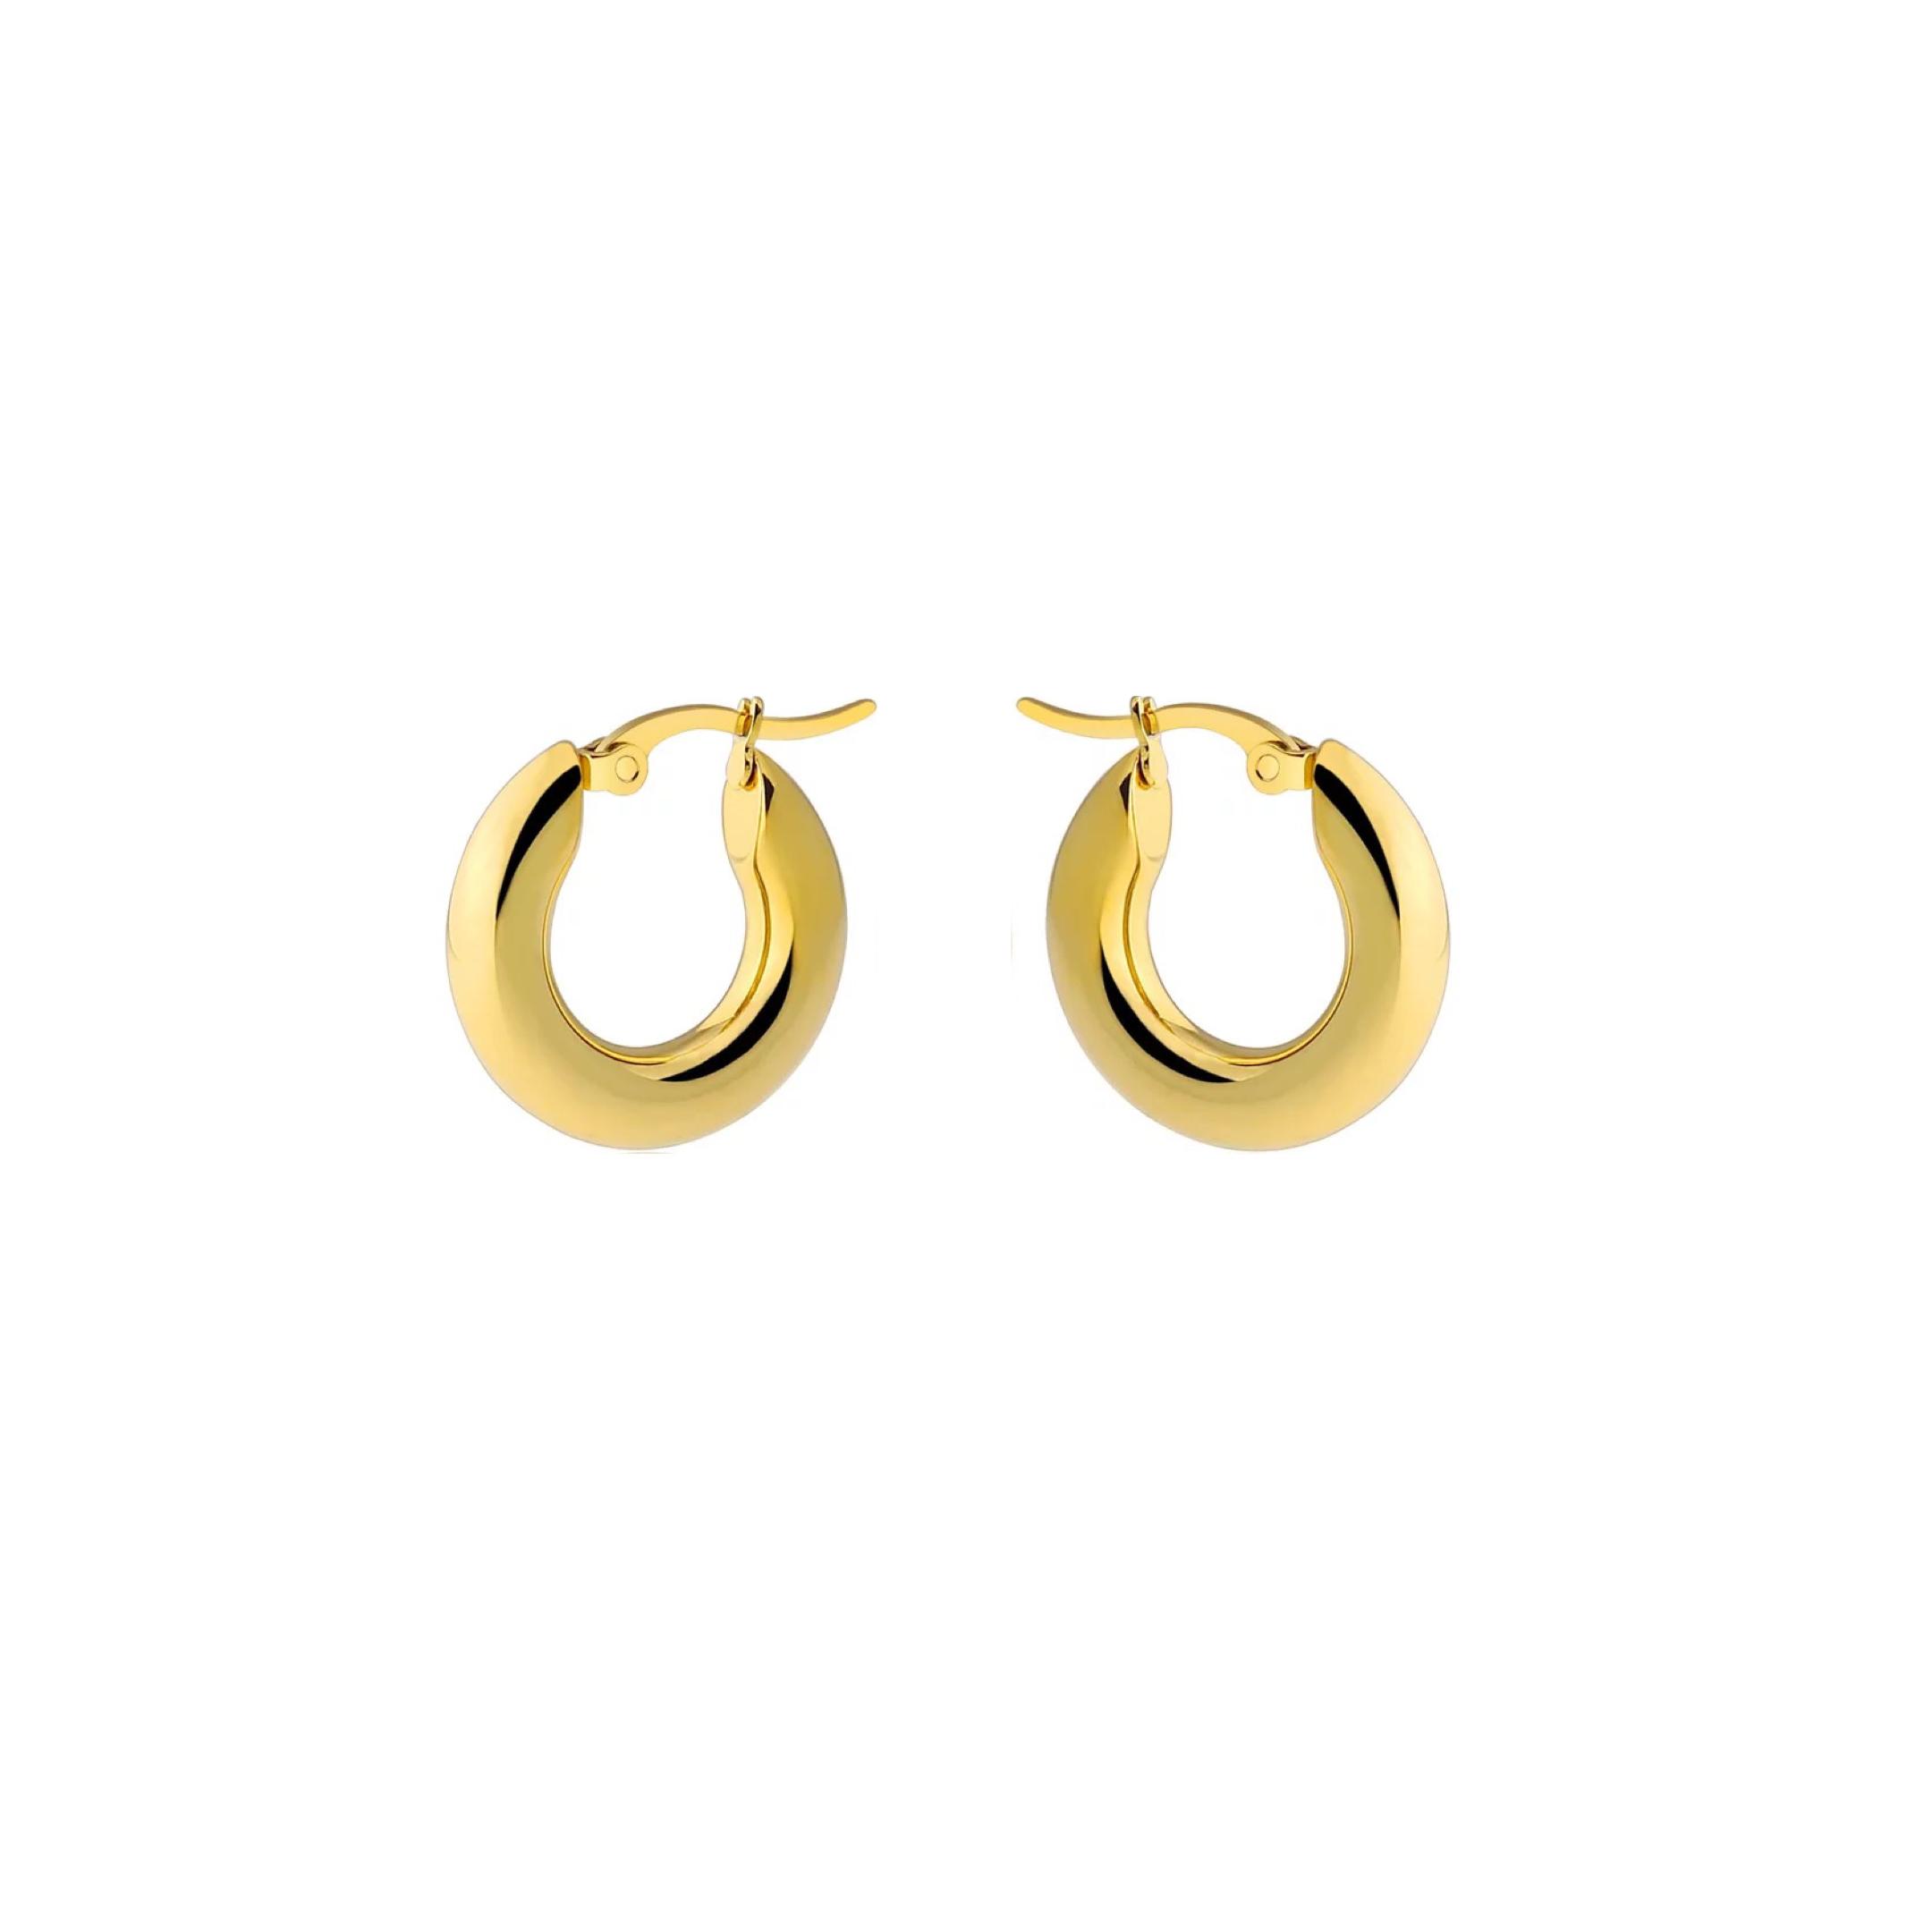 Small Thick Hoops Earrings 20mm Hoop Earrings Earrings Small Gold Hoops